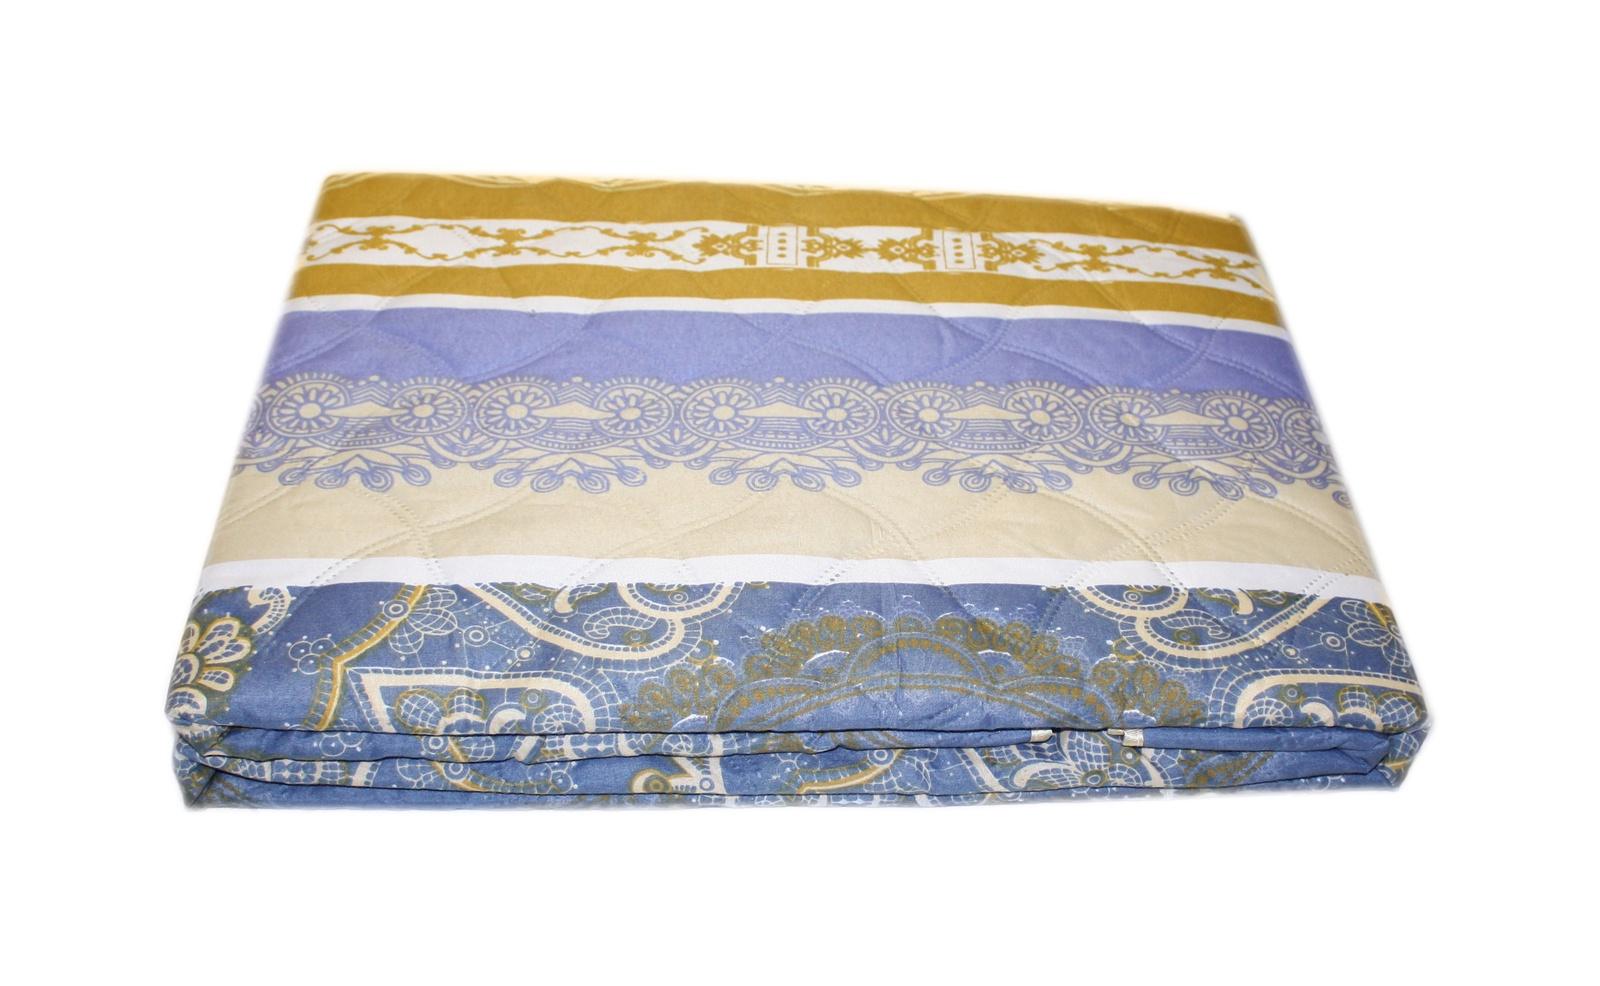 Покрывало BegAl ПИШ220-А1522, 200 х 210 см, синий, горчичный, бежевый